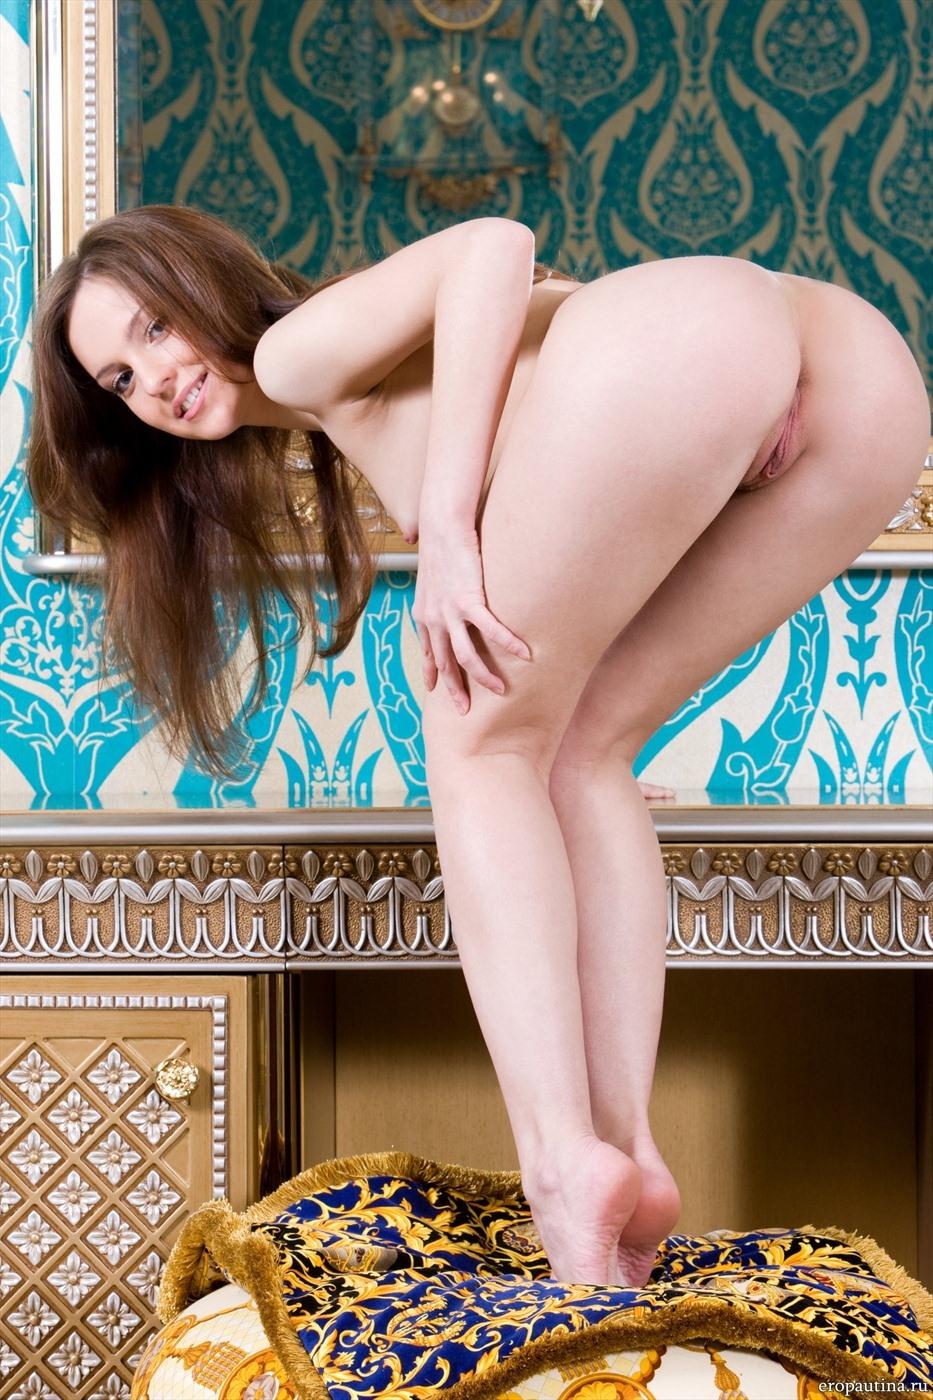 Эротика в роскошном номере (17 фото)